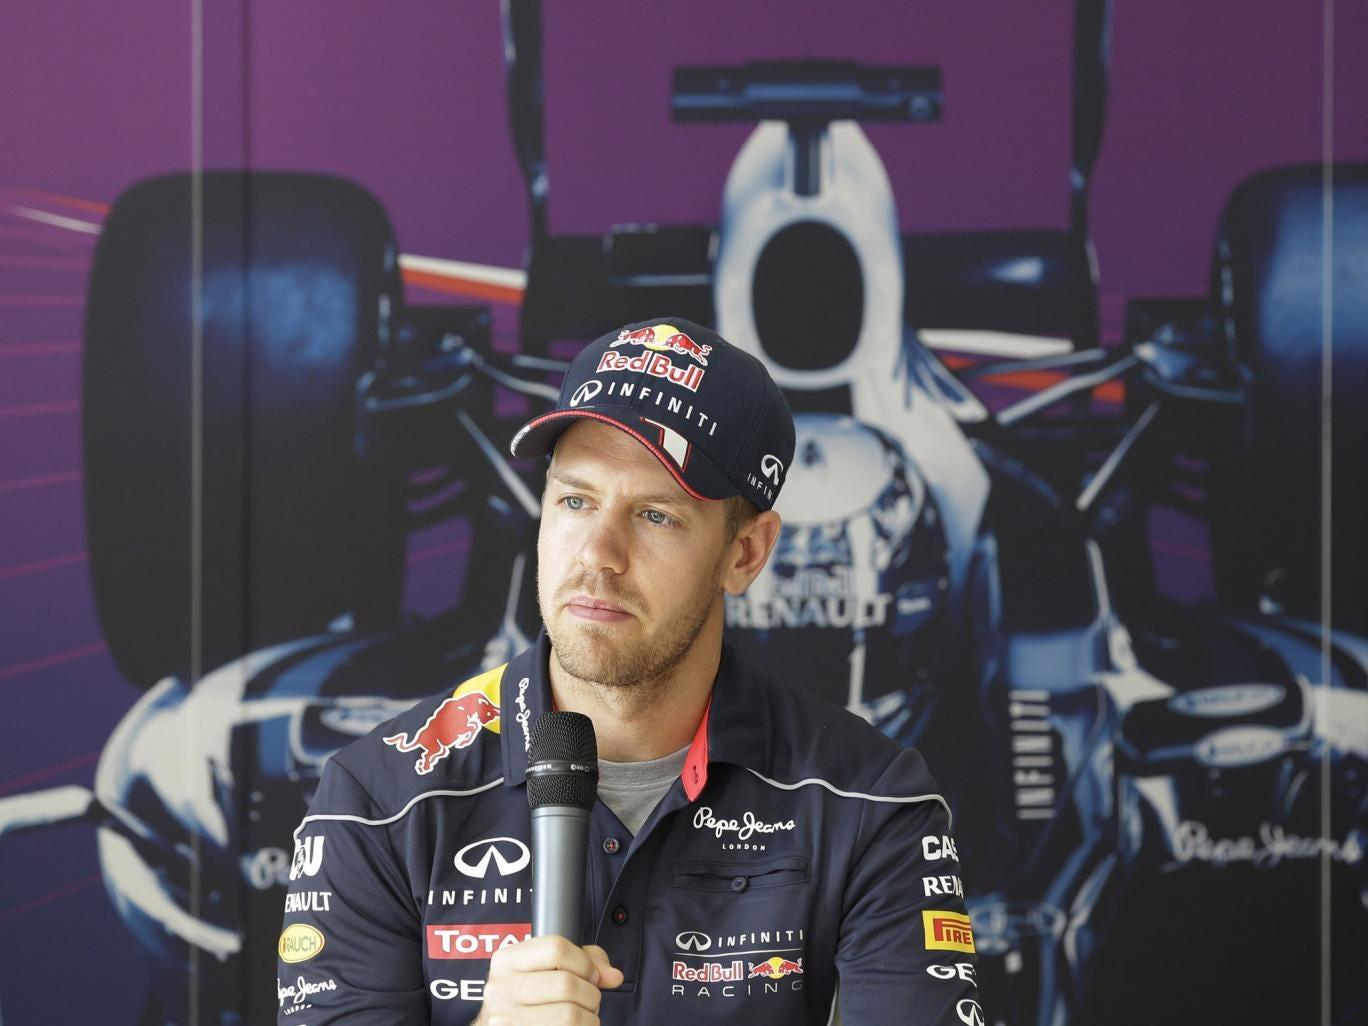 Sebastian Vettel spoke of his 'pride' in the Red Bull car